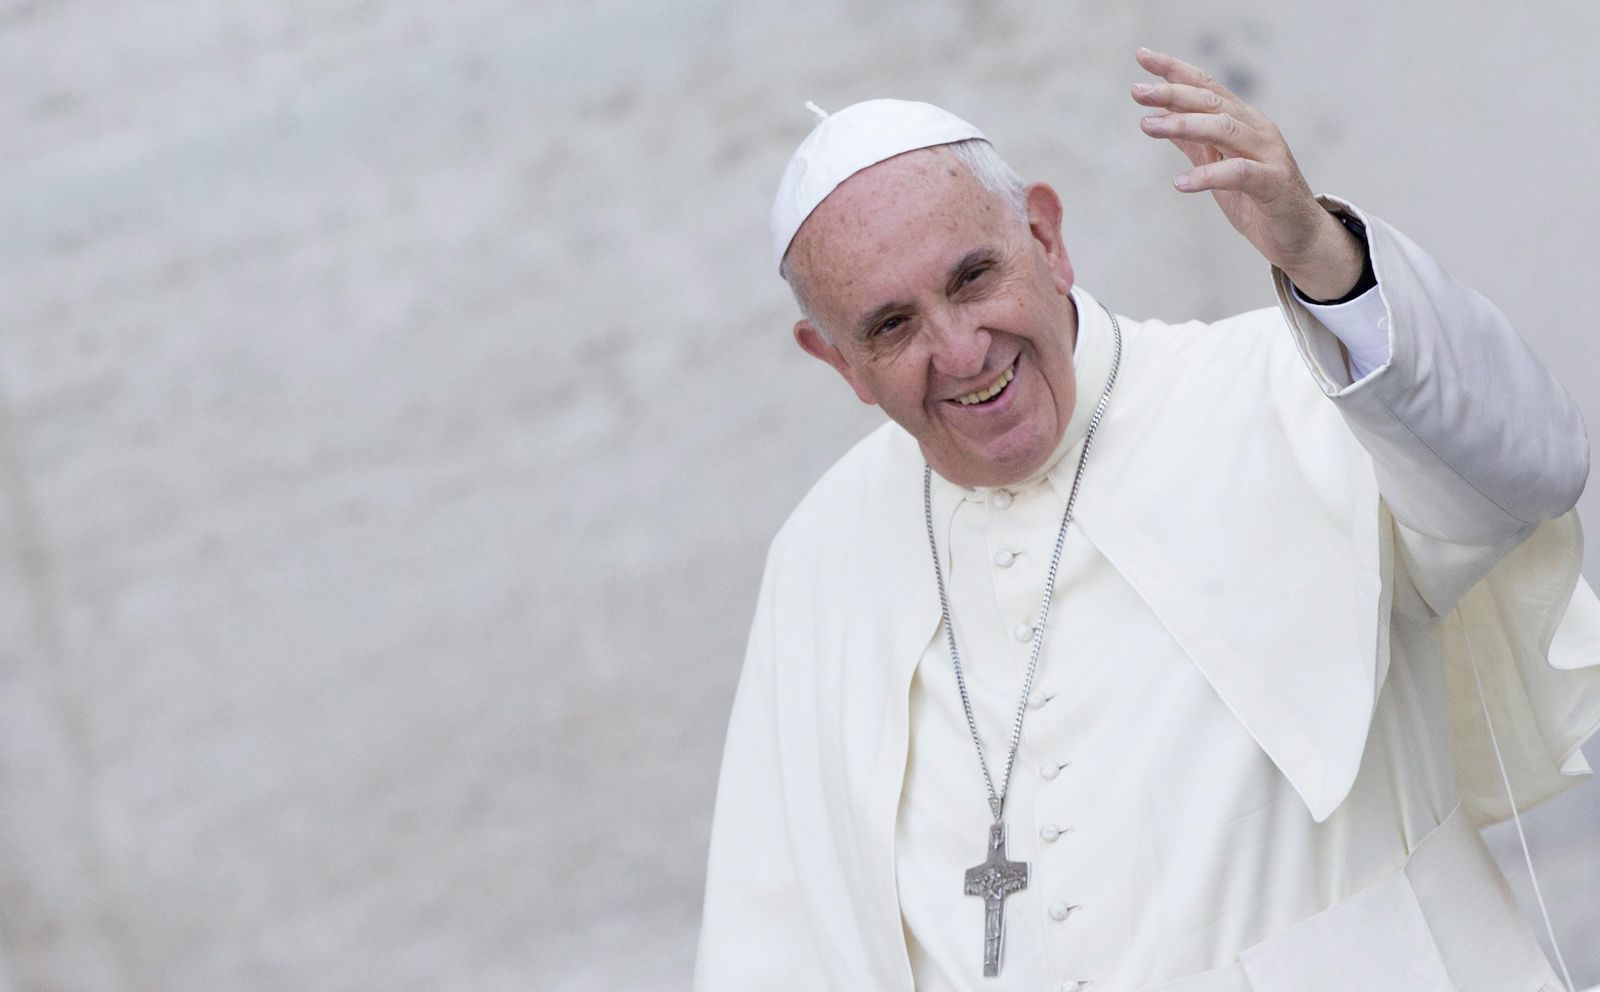 Zweite Enzyklika von Papst Franziskus erscheint